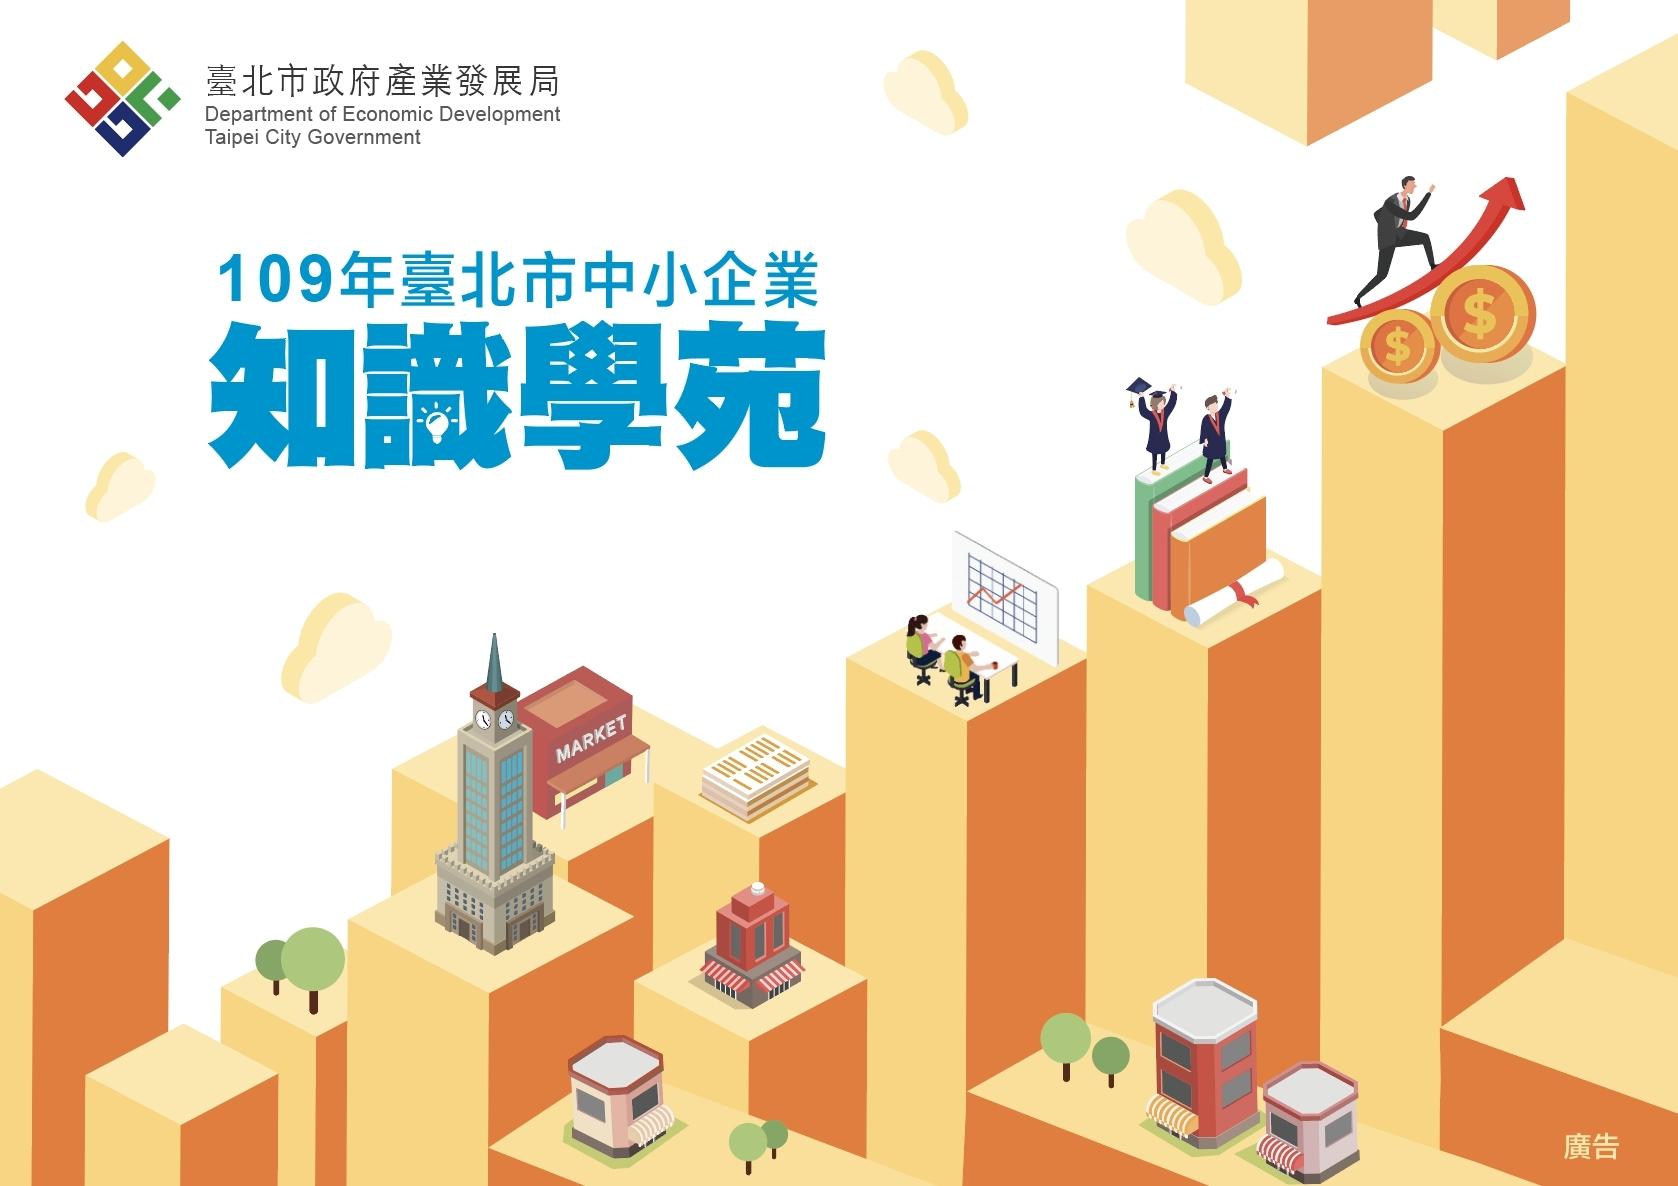 【已結束】臺北市知識學苑老闆學校講座-《品牌信任力》數位平台創業巨擘講座9/23(三)圖片